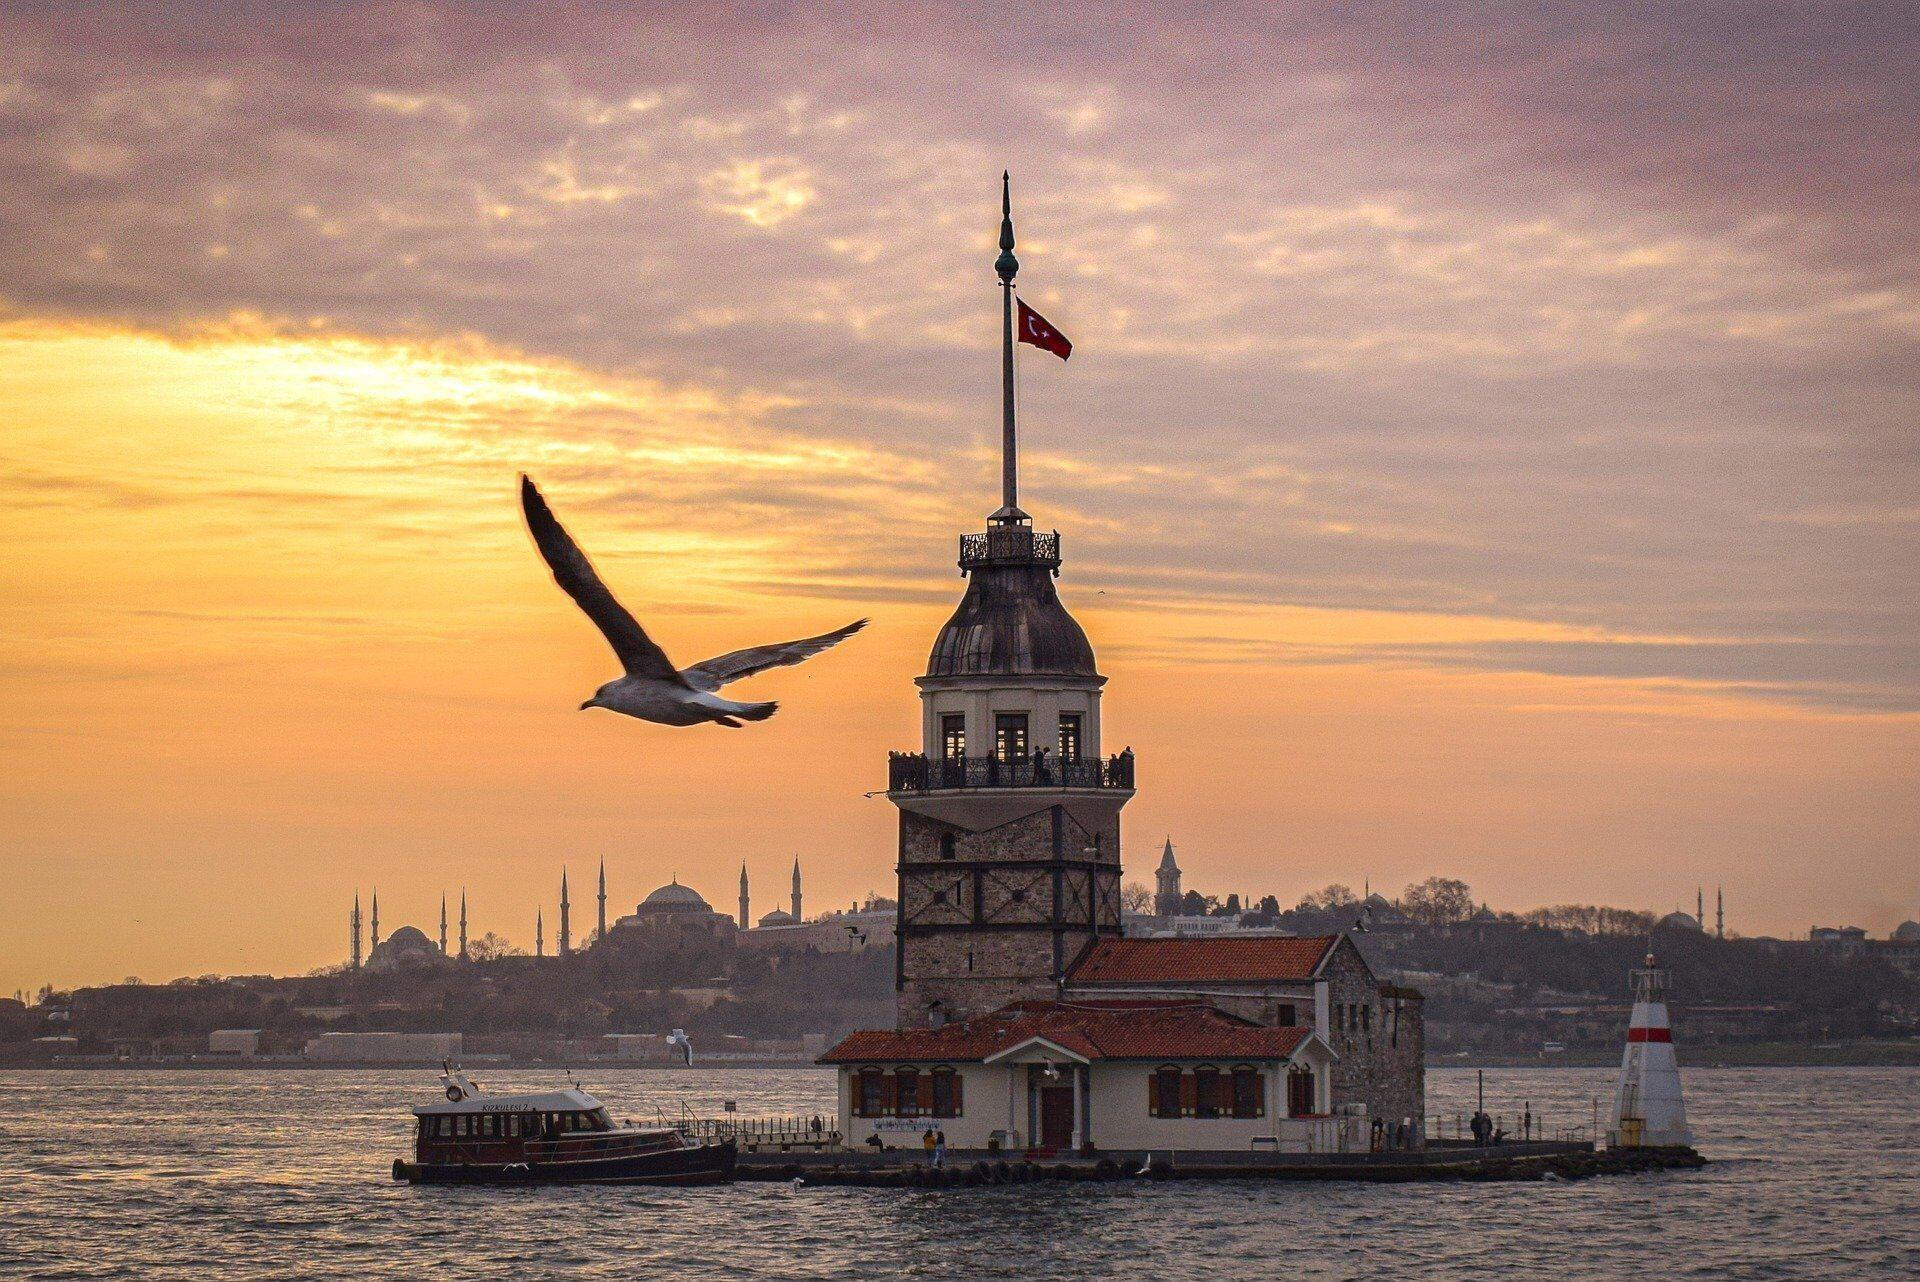 Відсотків 90-95 виїзного туризму в Україні зараз випадає на Туреччину.